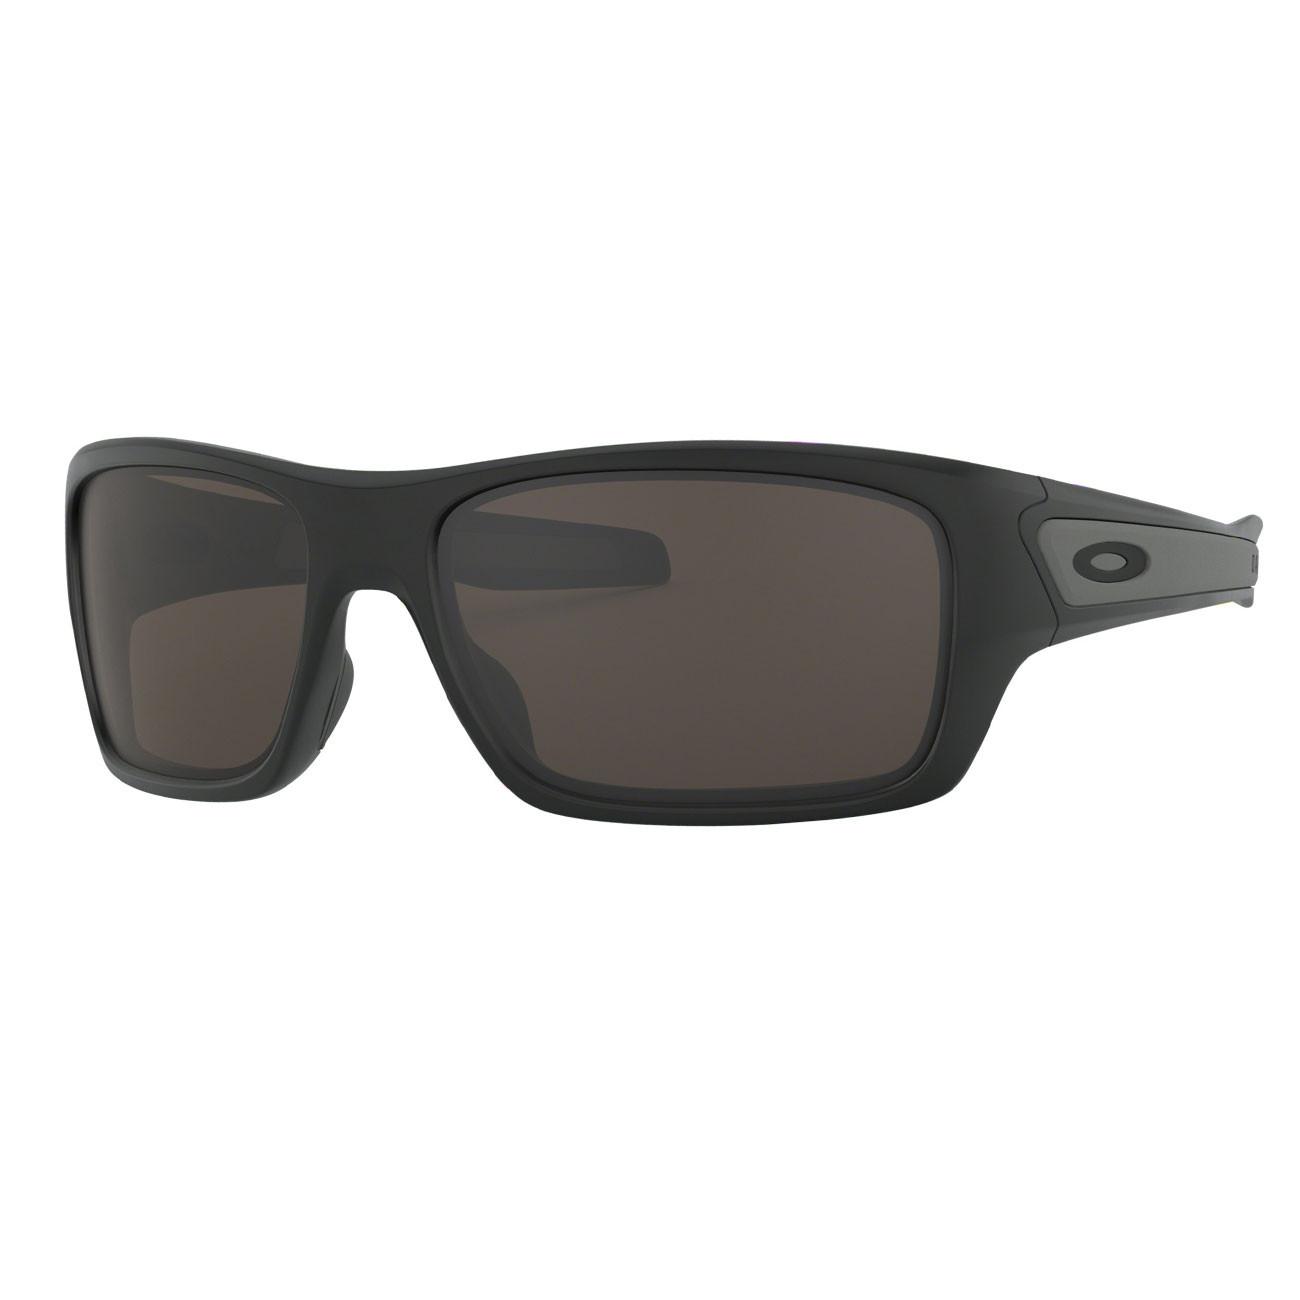 1bde90e29 Sluneční brýle Oakley Turbine matte black | Snowboard Zezula